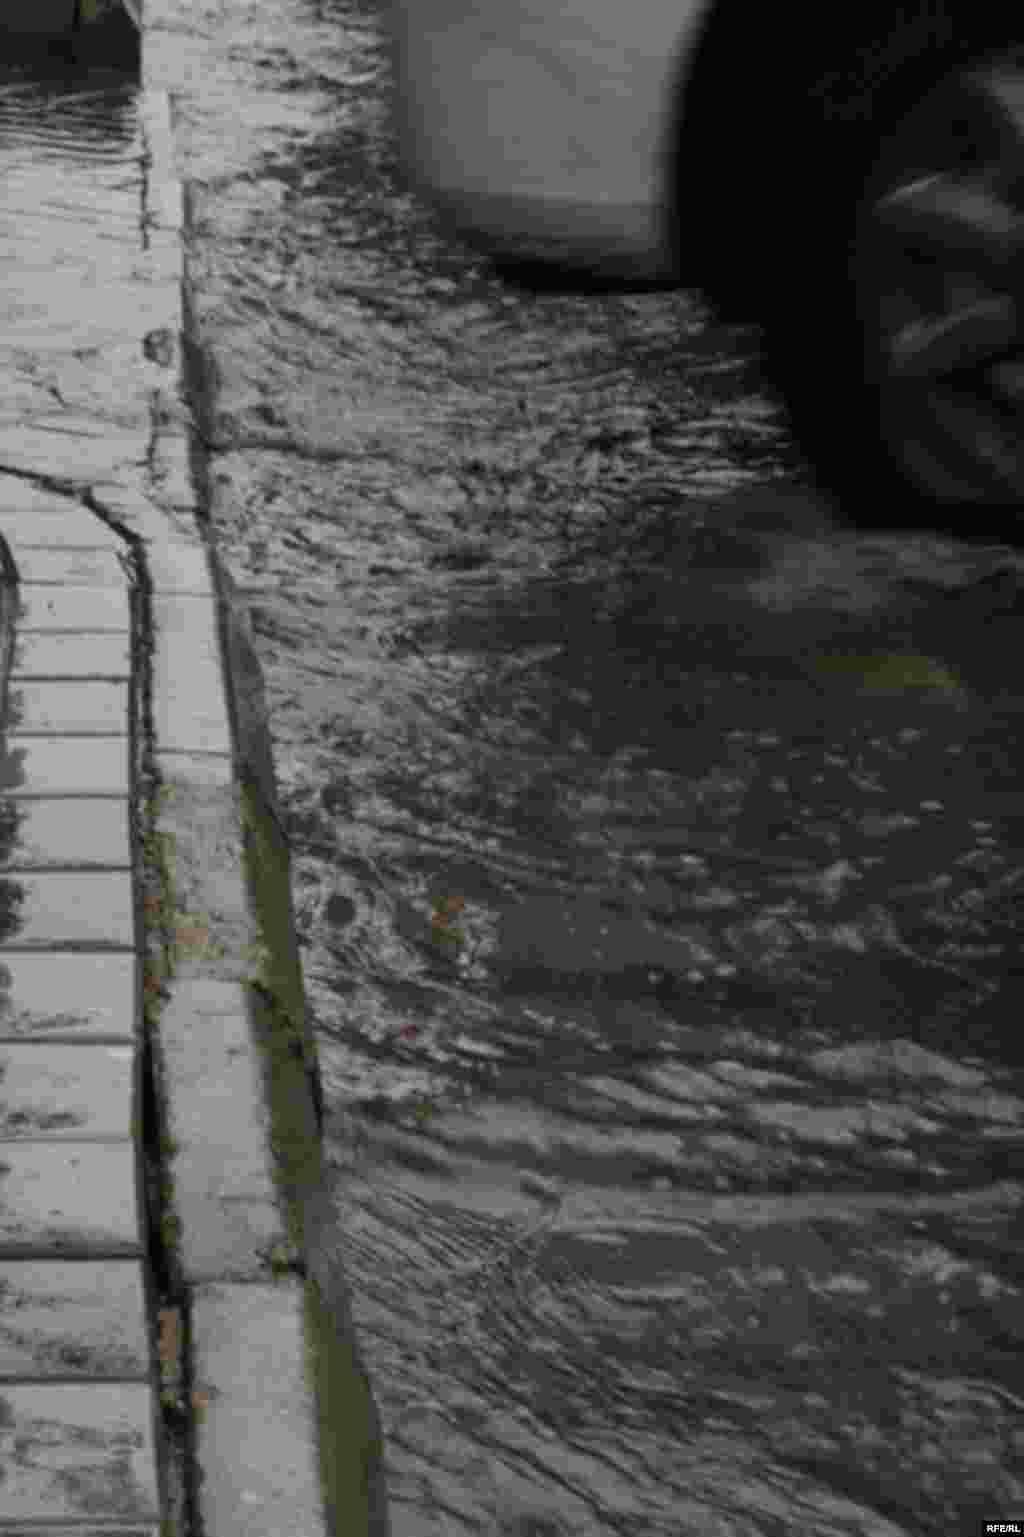 Yağma, yağış, Bakı gözləmir səni... #4